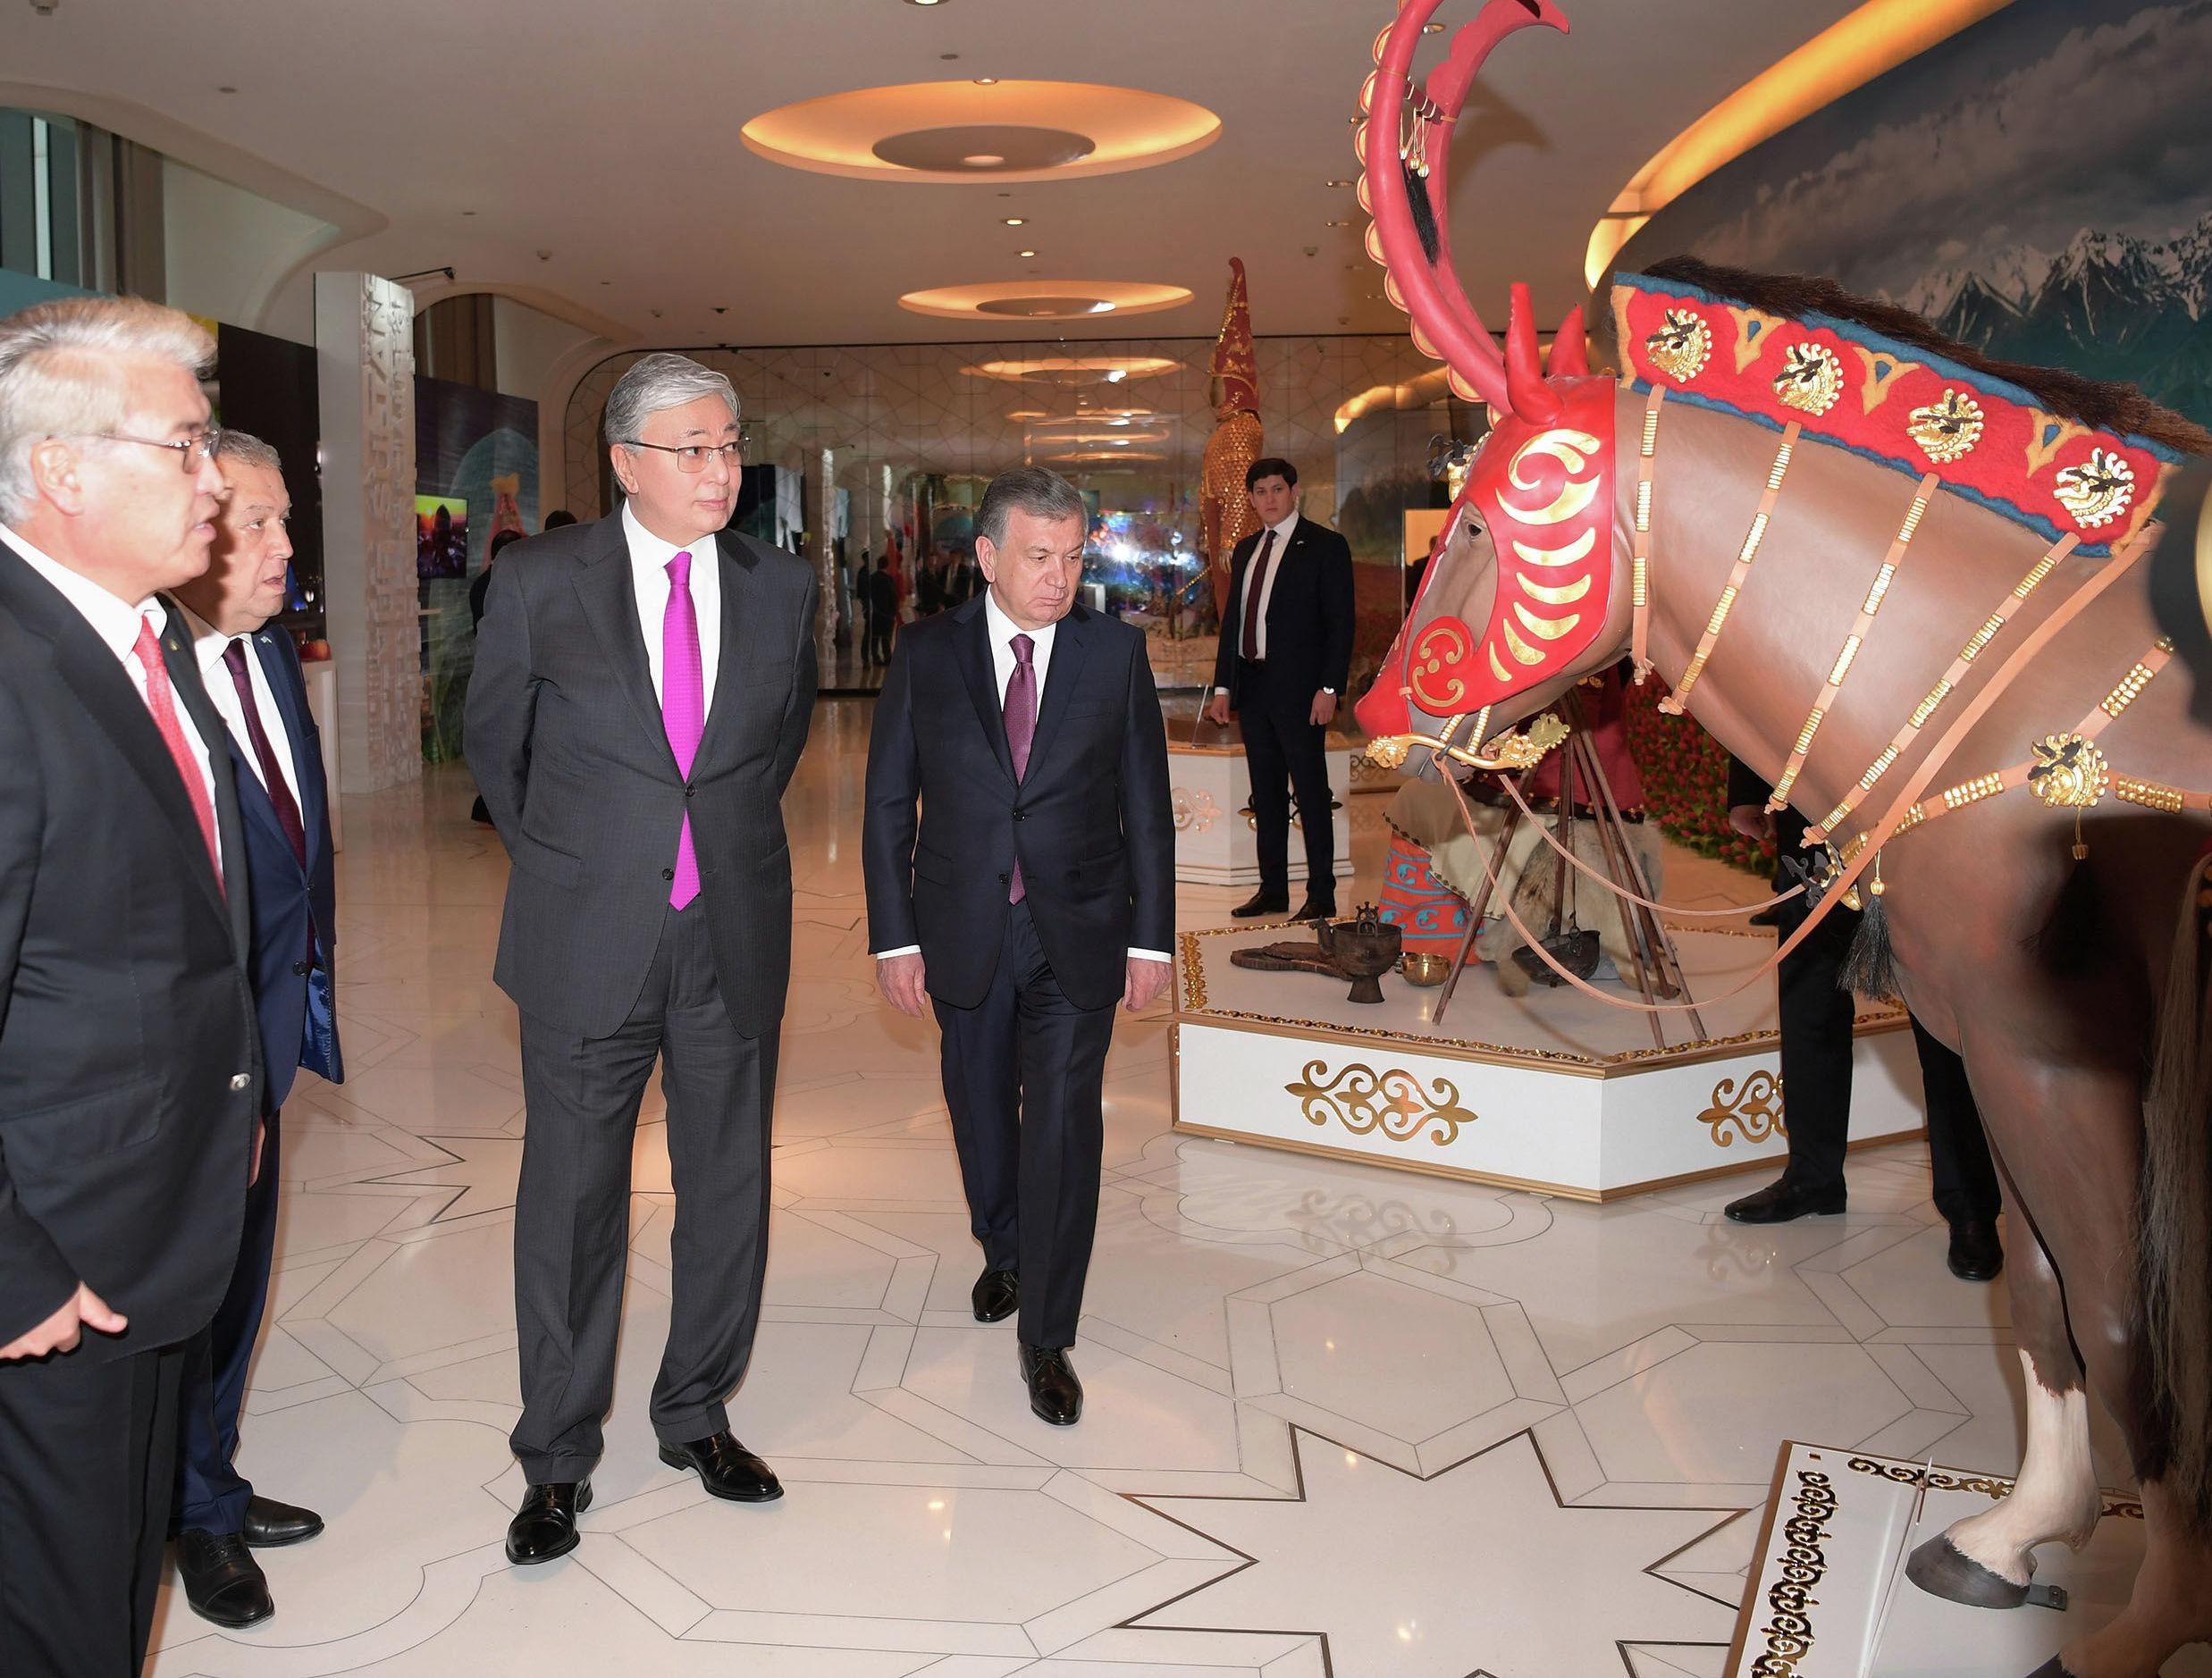 Президент Казахстана Касым-Жомарт Токаев и президент Узбекистана Шавкат Мирзиёев посетили выставку Наследие Великой Степи, на которой представлены шедевры древнего искусства Казахстана